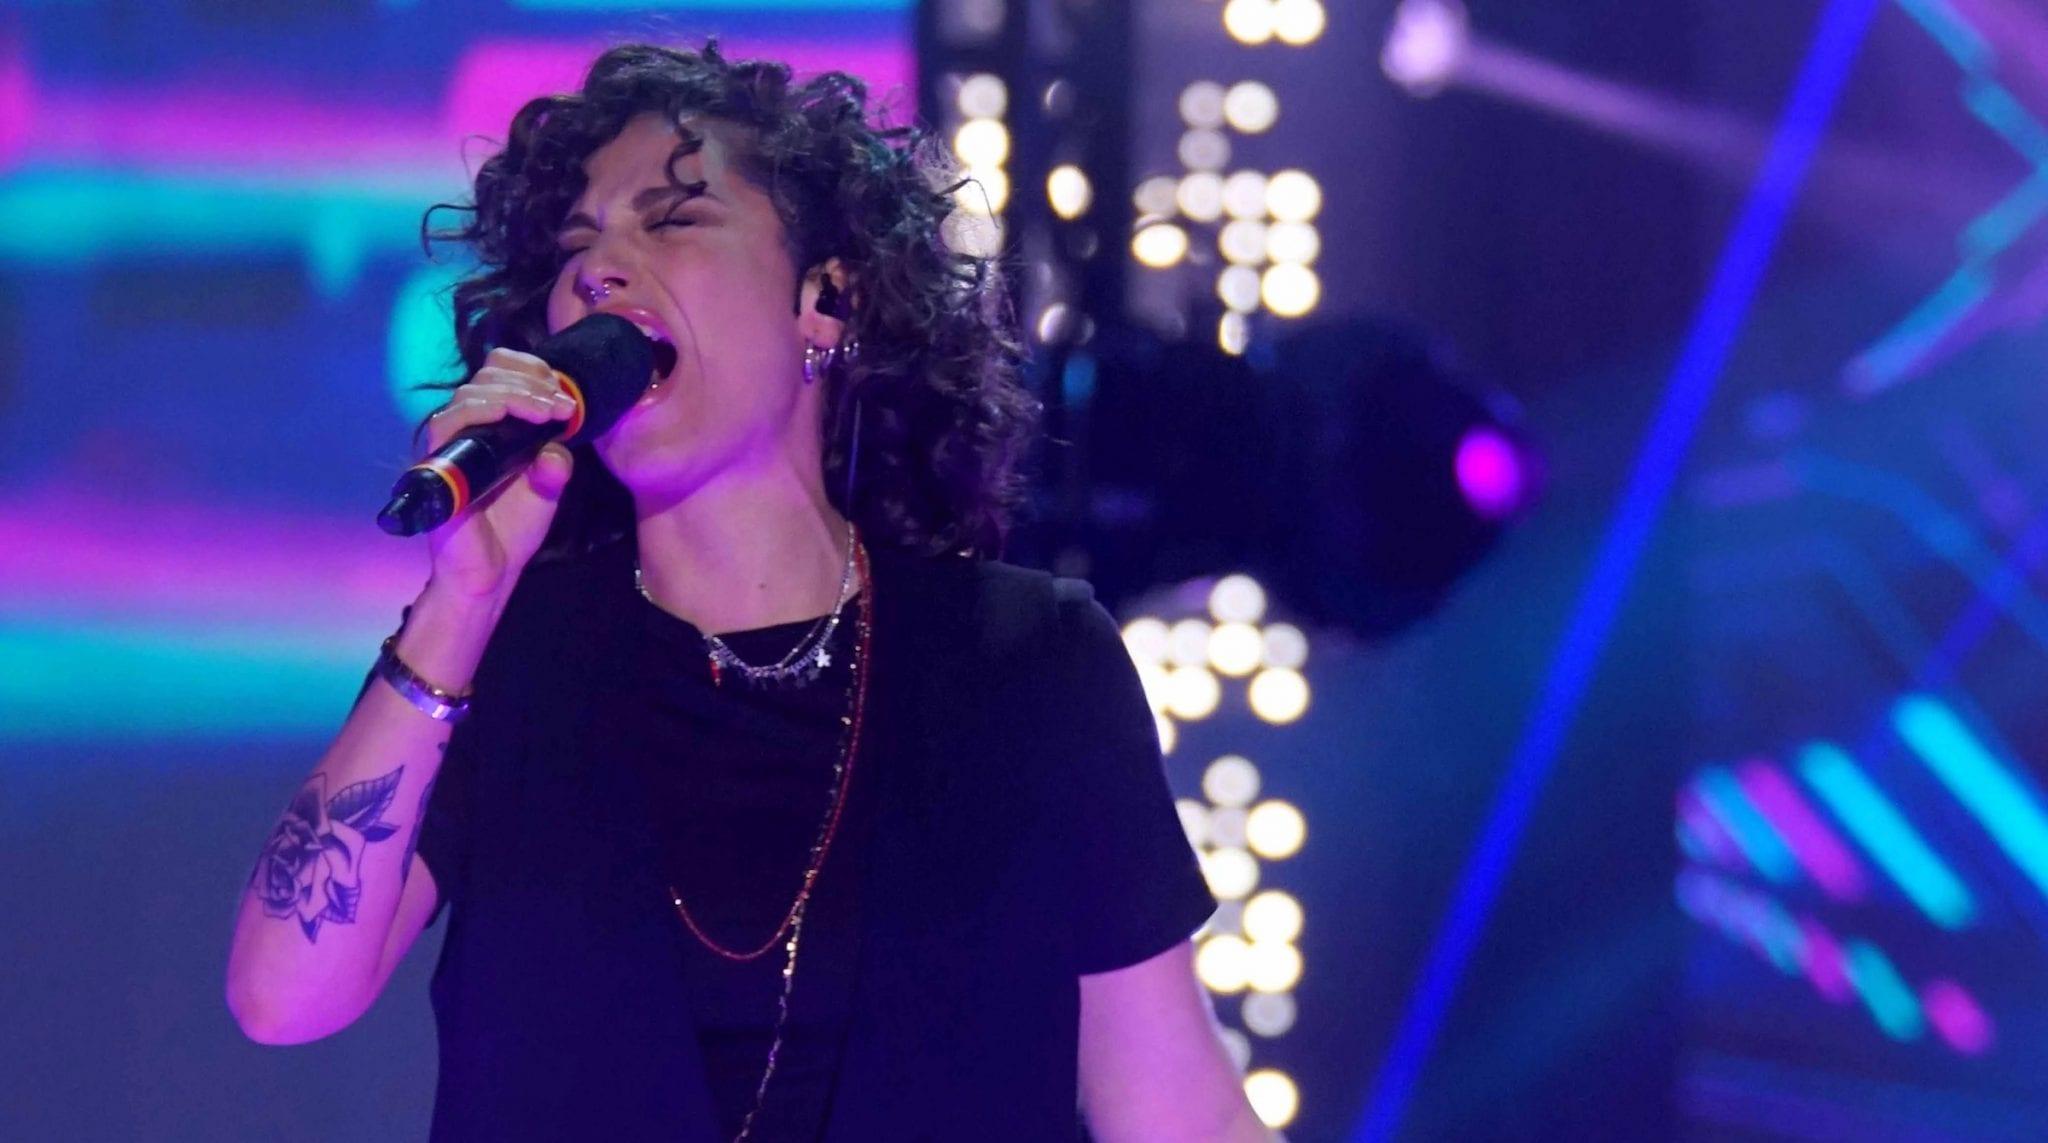 Live 20 marzo 2020: Amici di Maria De Filippi quarta puntata. La fase serale del talent show di Canale 5. Prodotto da Fascino PGT per RTI